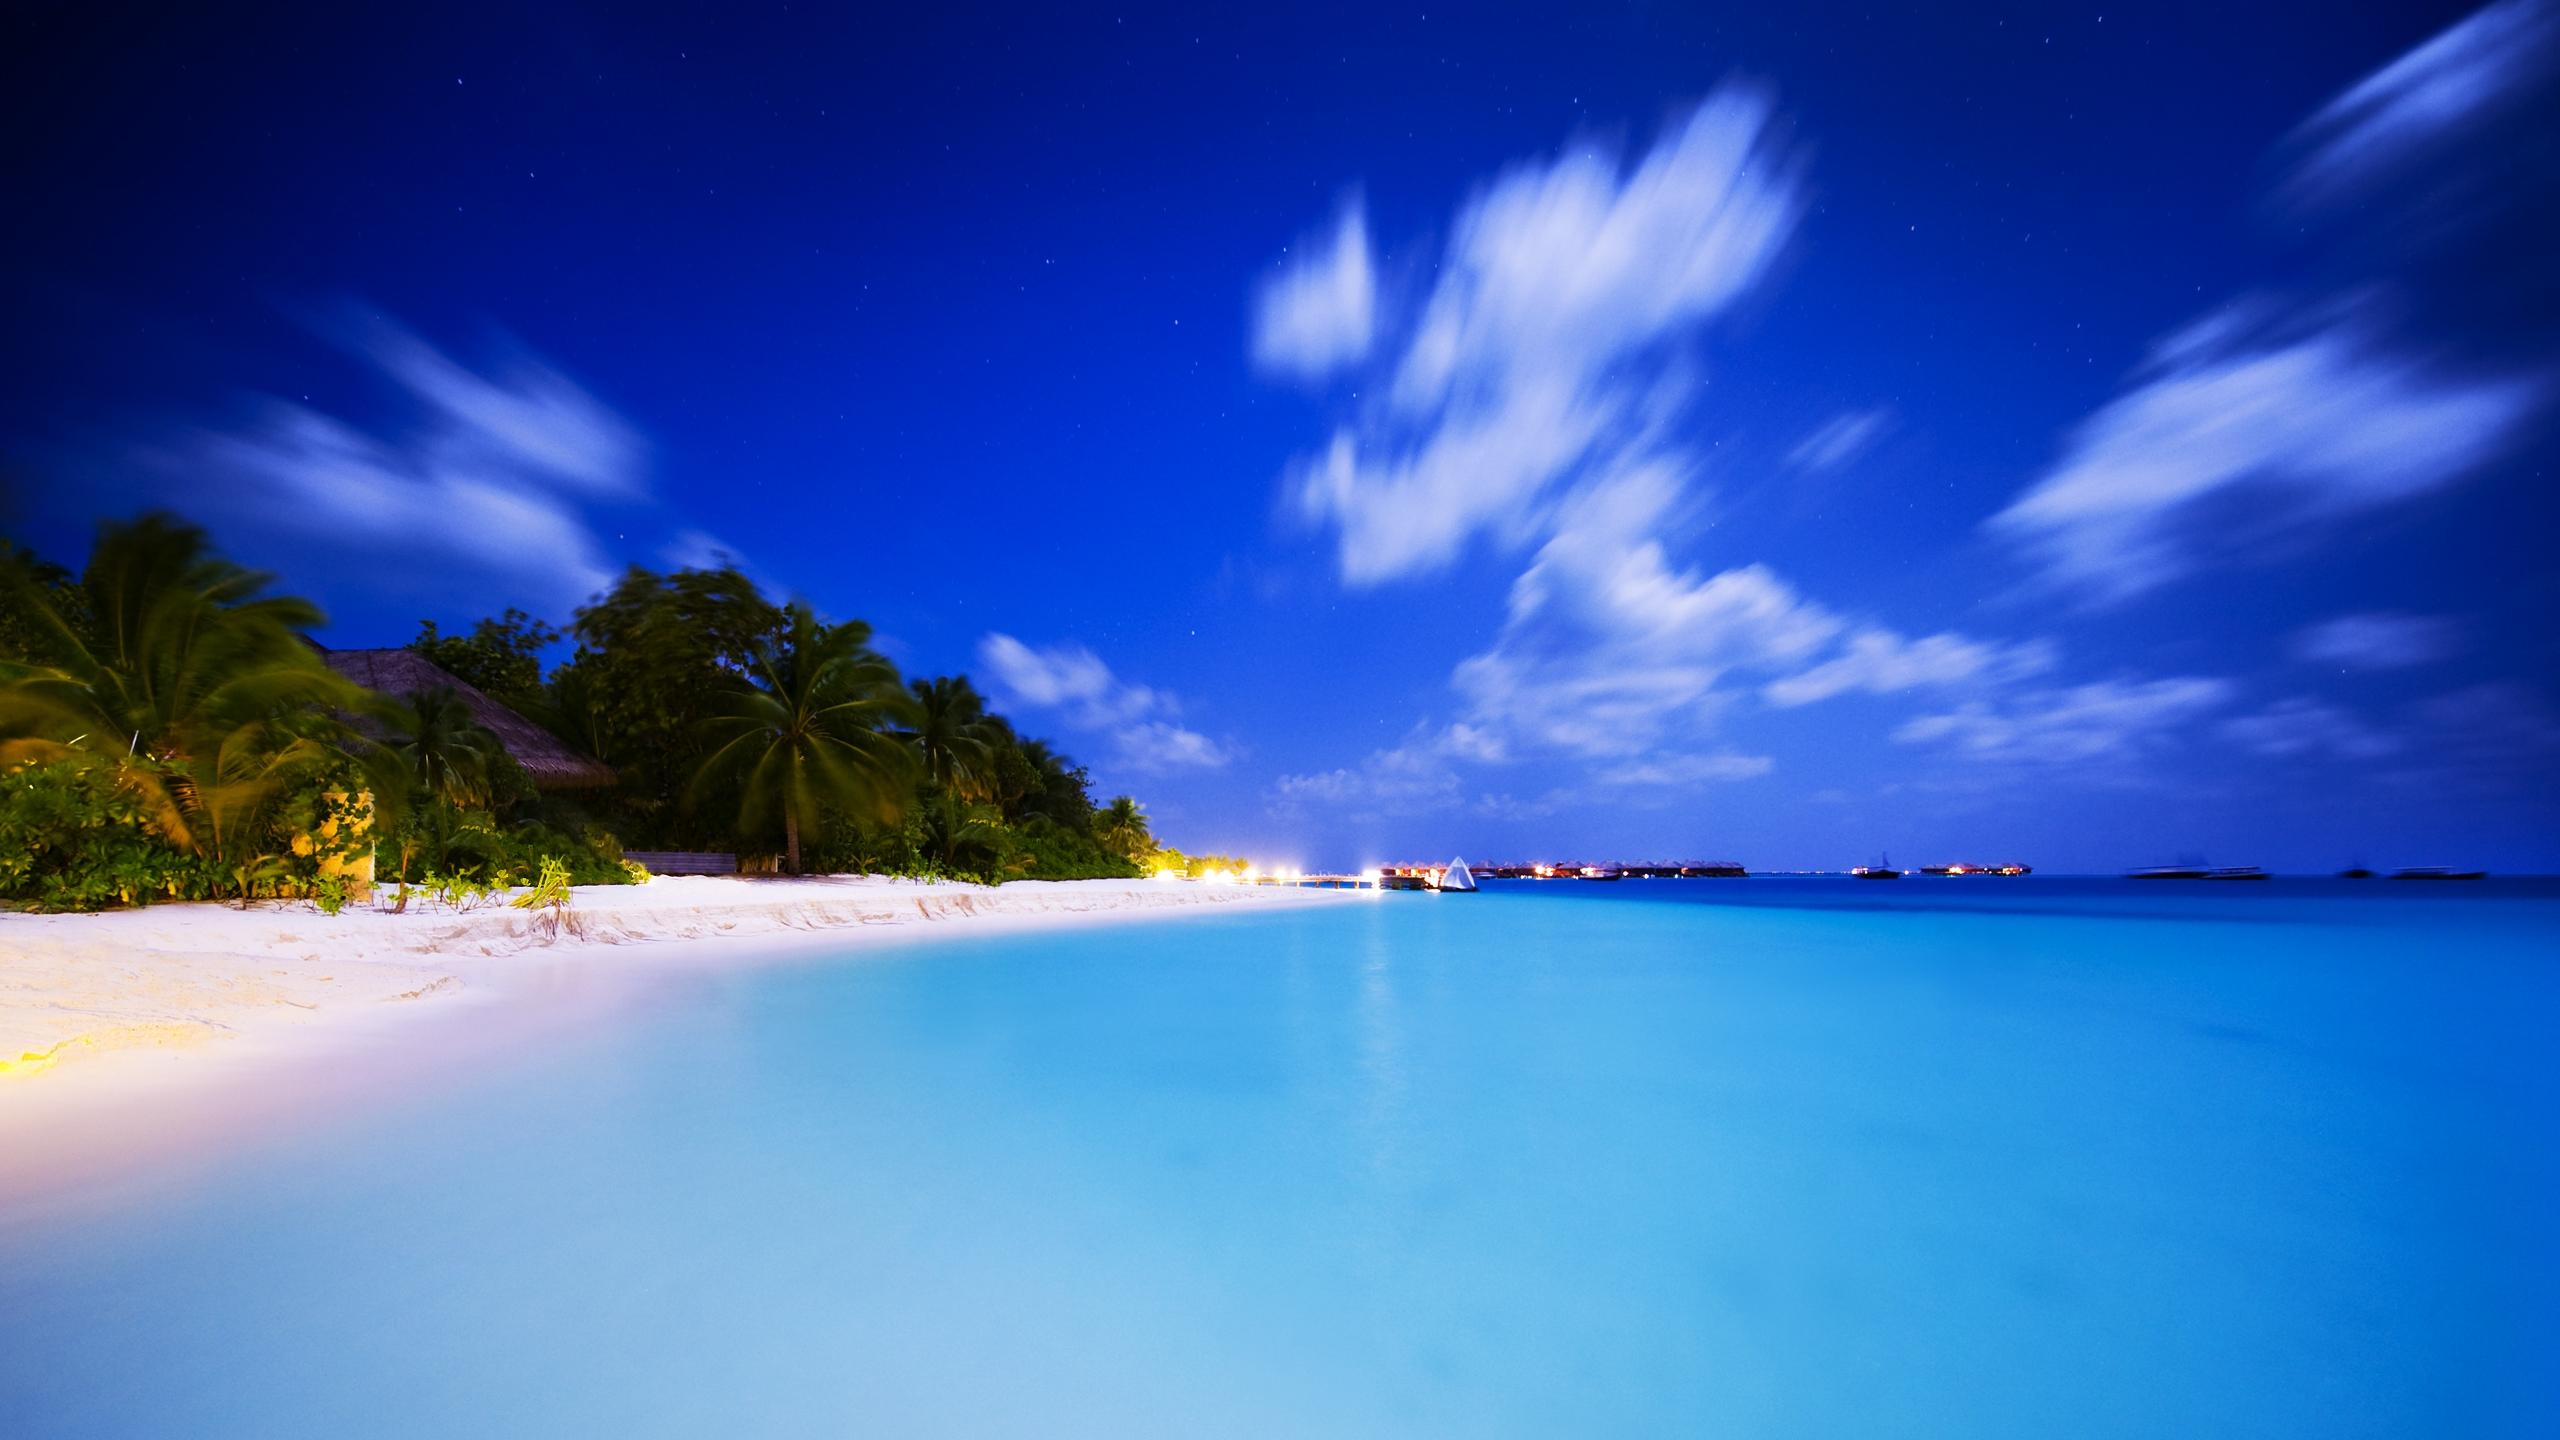 15 sfondi hd delle spiagge pi belle del mondo da for Sfondi spiagge hd